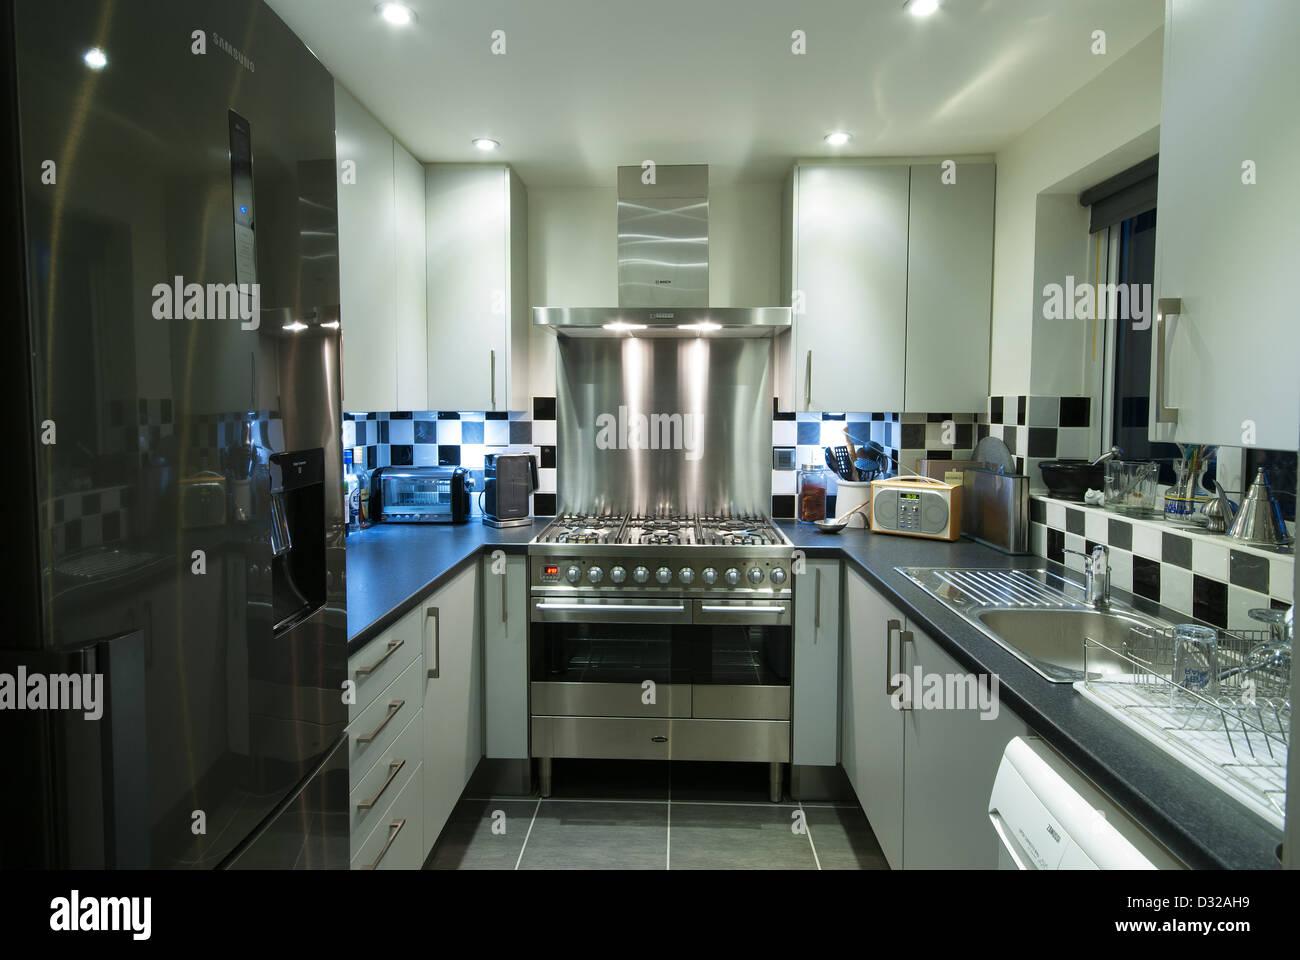 Eine kleine, moderne Küche mit einer Edelstahl-Küchenherd. UK, 2013. Stockbild